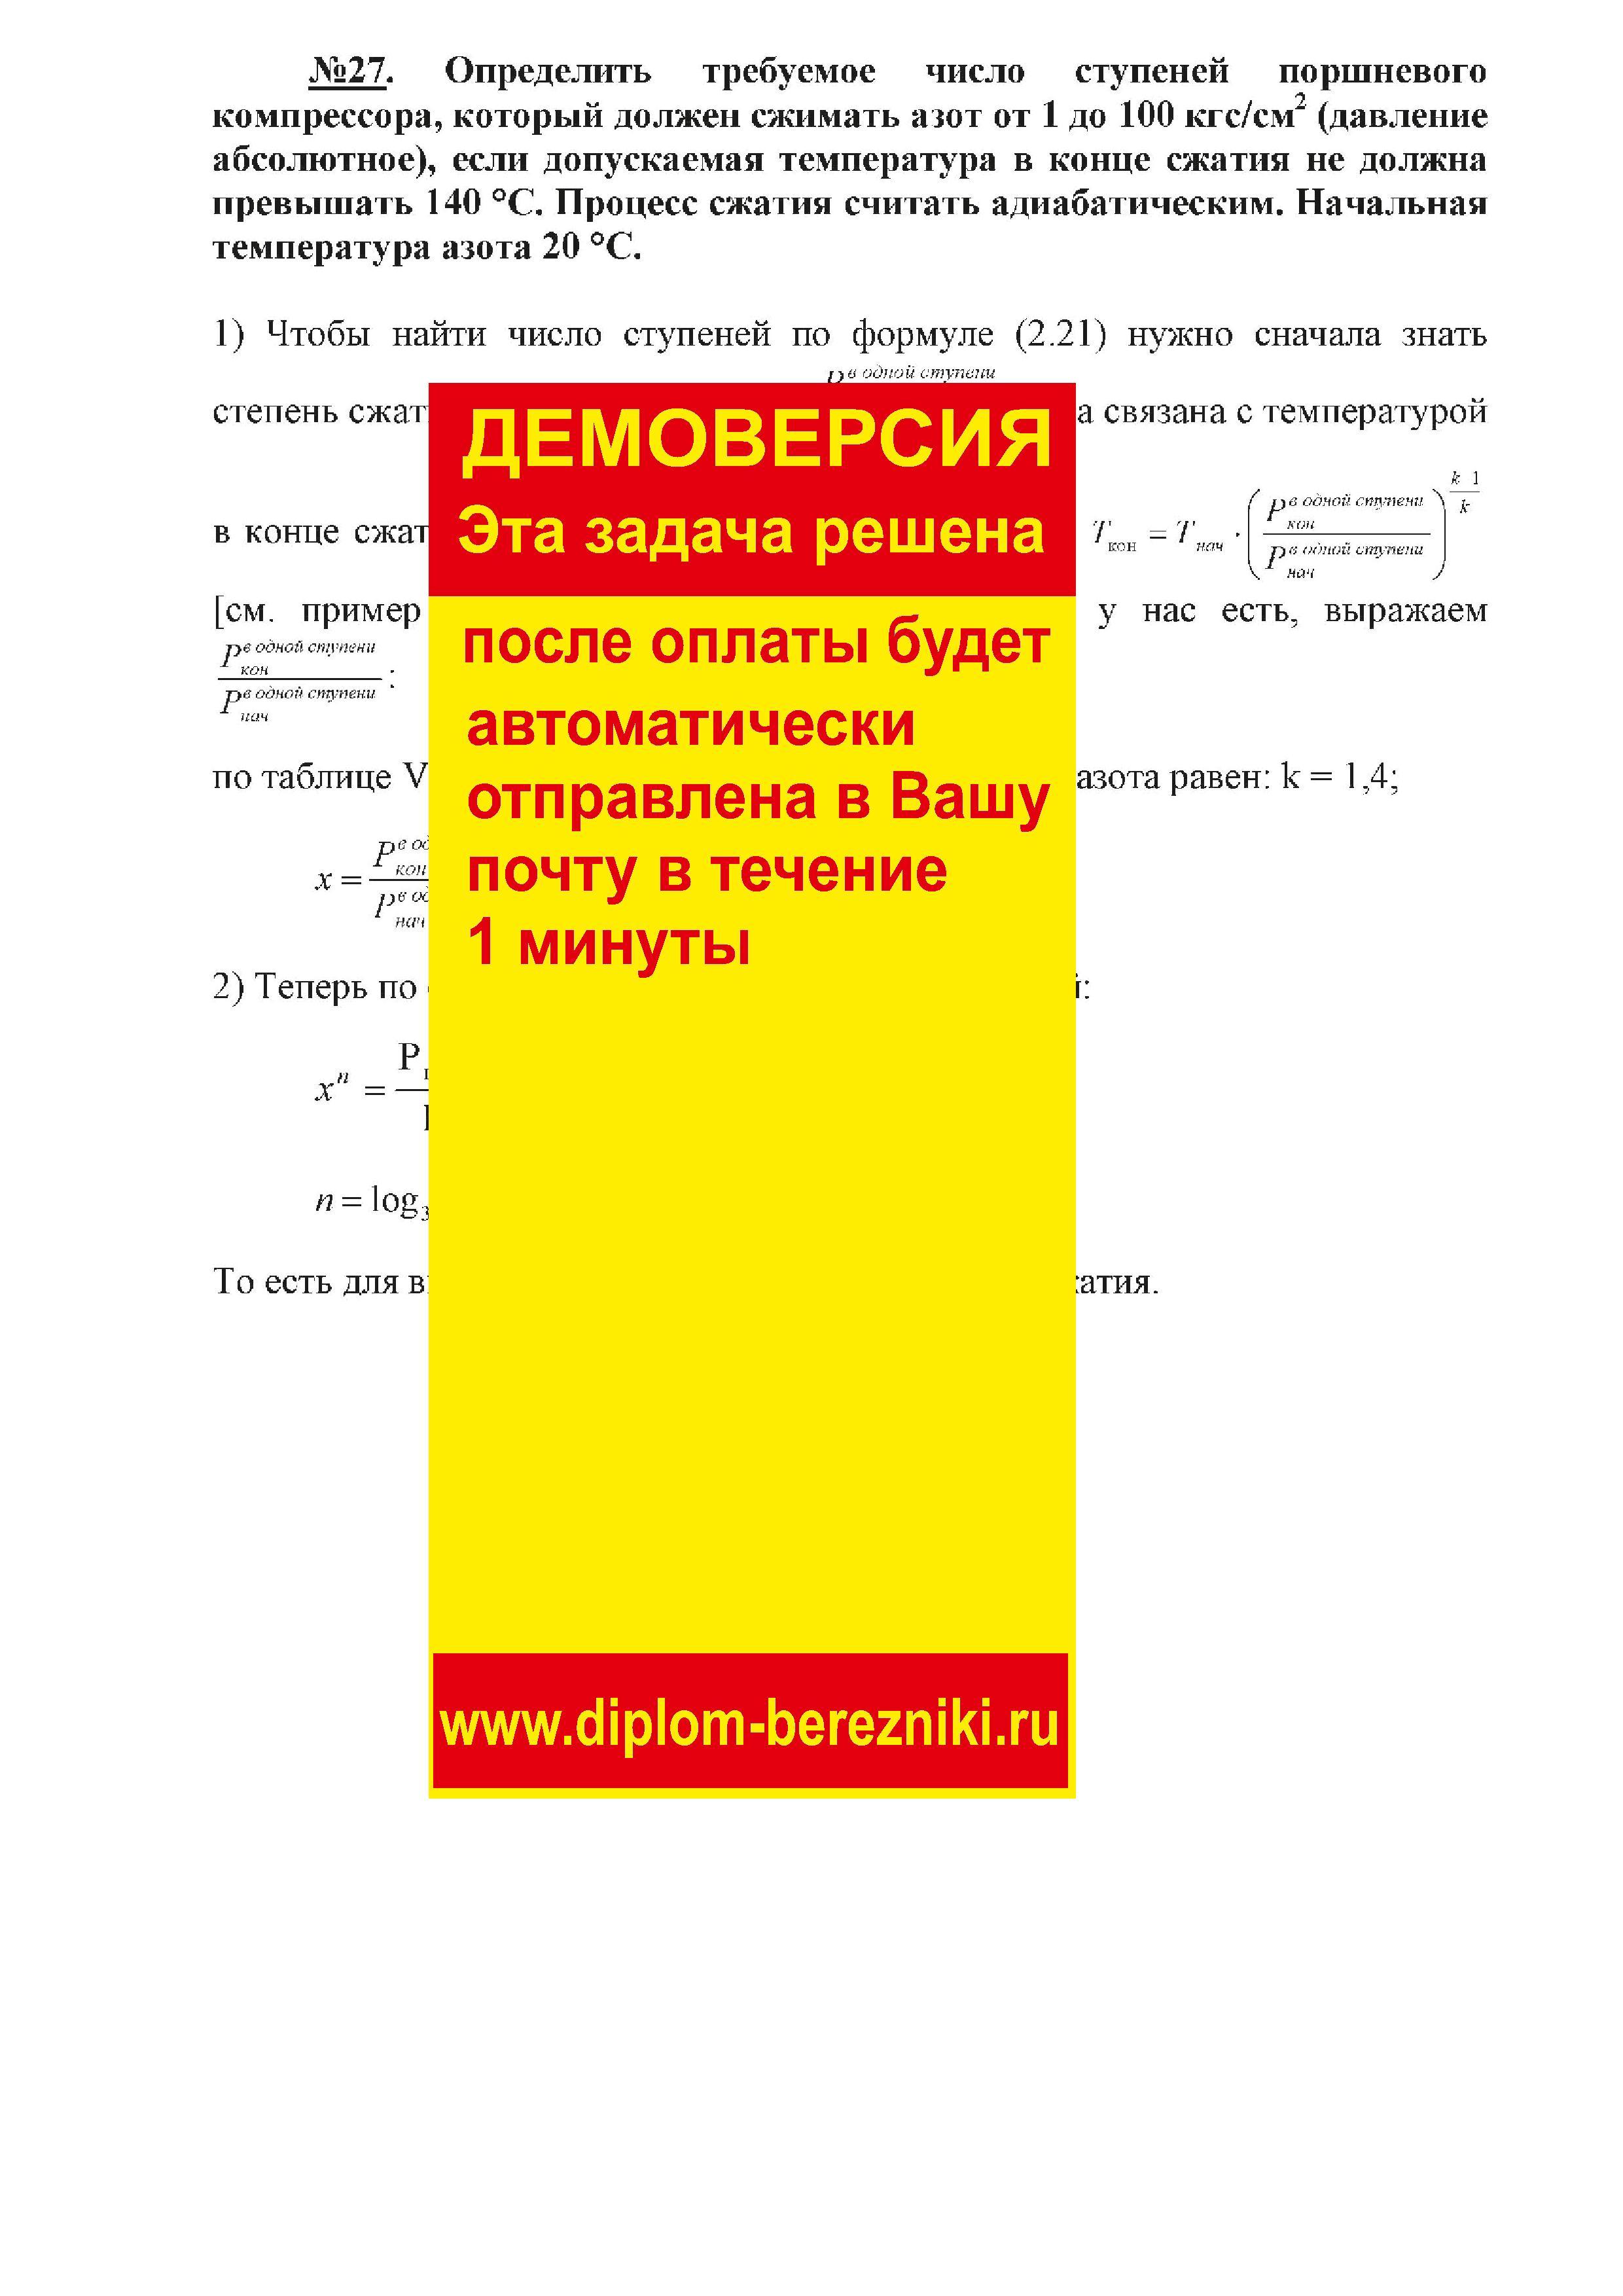 Решение задачи 2.27 по ПАХТ из задачника Павлова Романкова Носкова